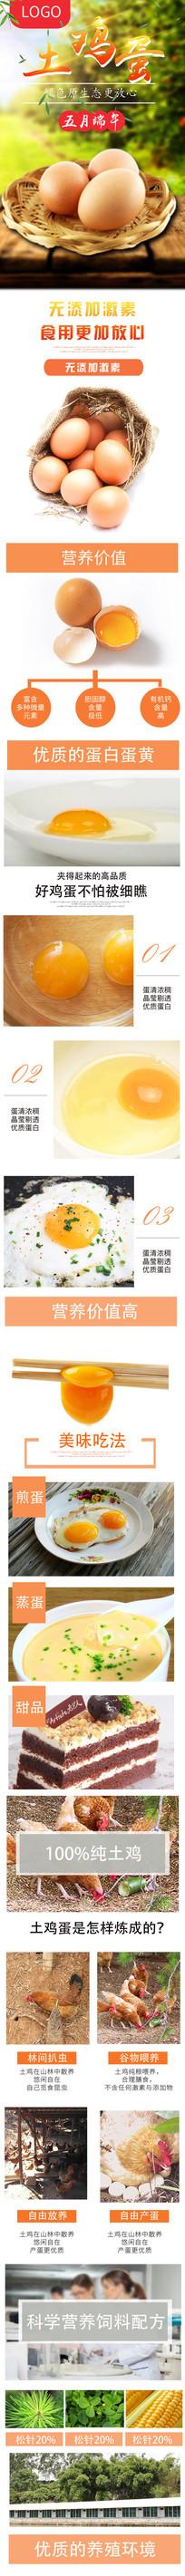 土鸡蛋淘宝详情描述PSD模板